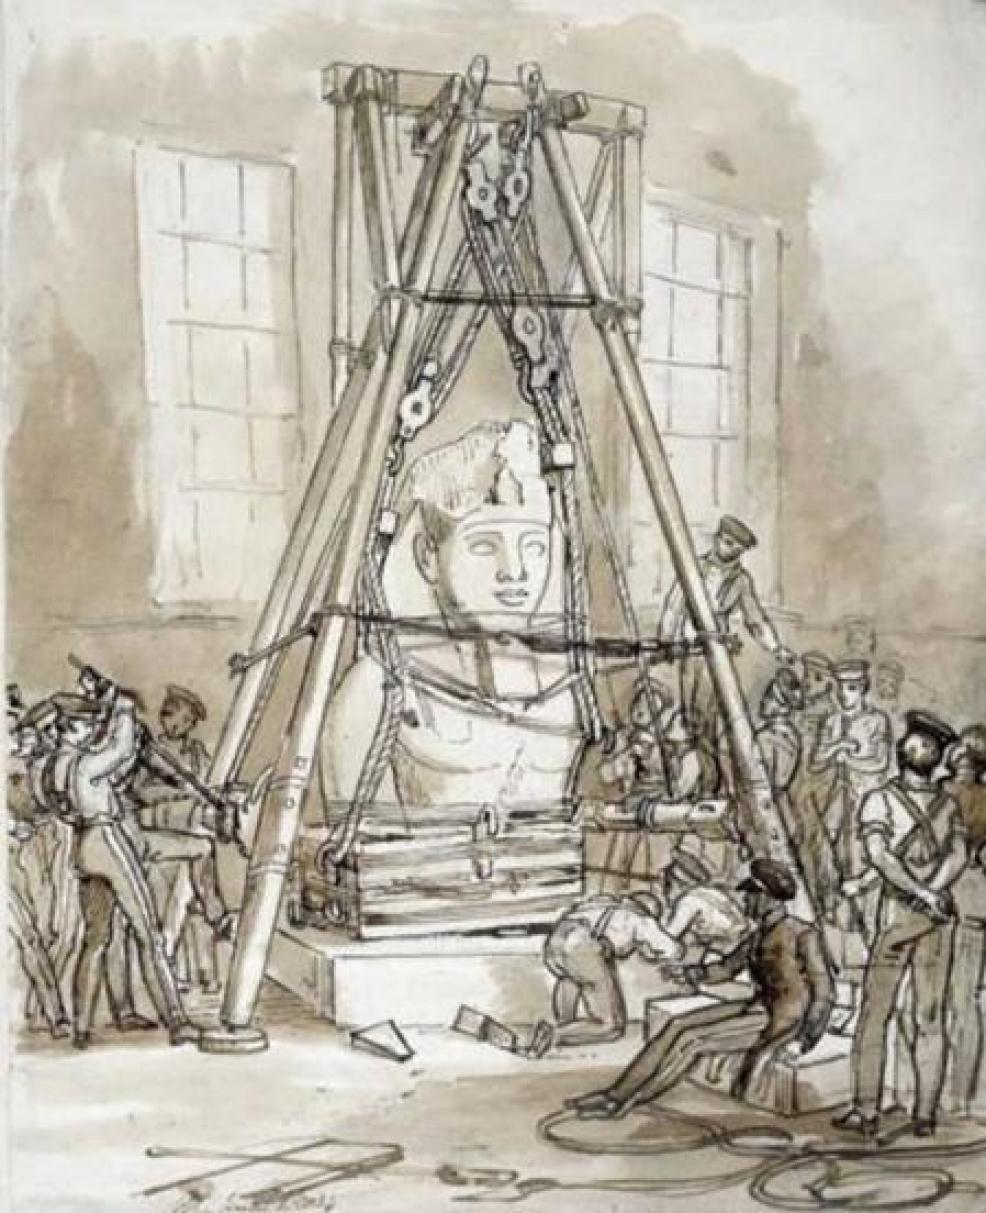 Instalación del busto de Ramsés II en el British Museum. Dibujo de 1834.